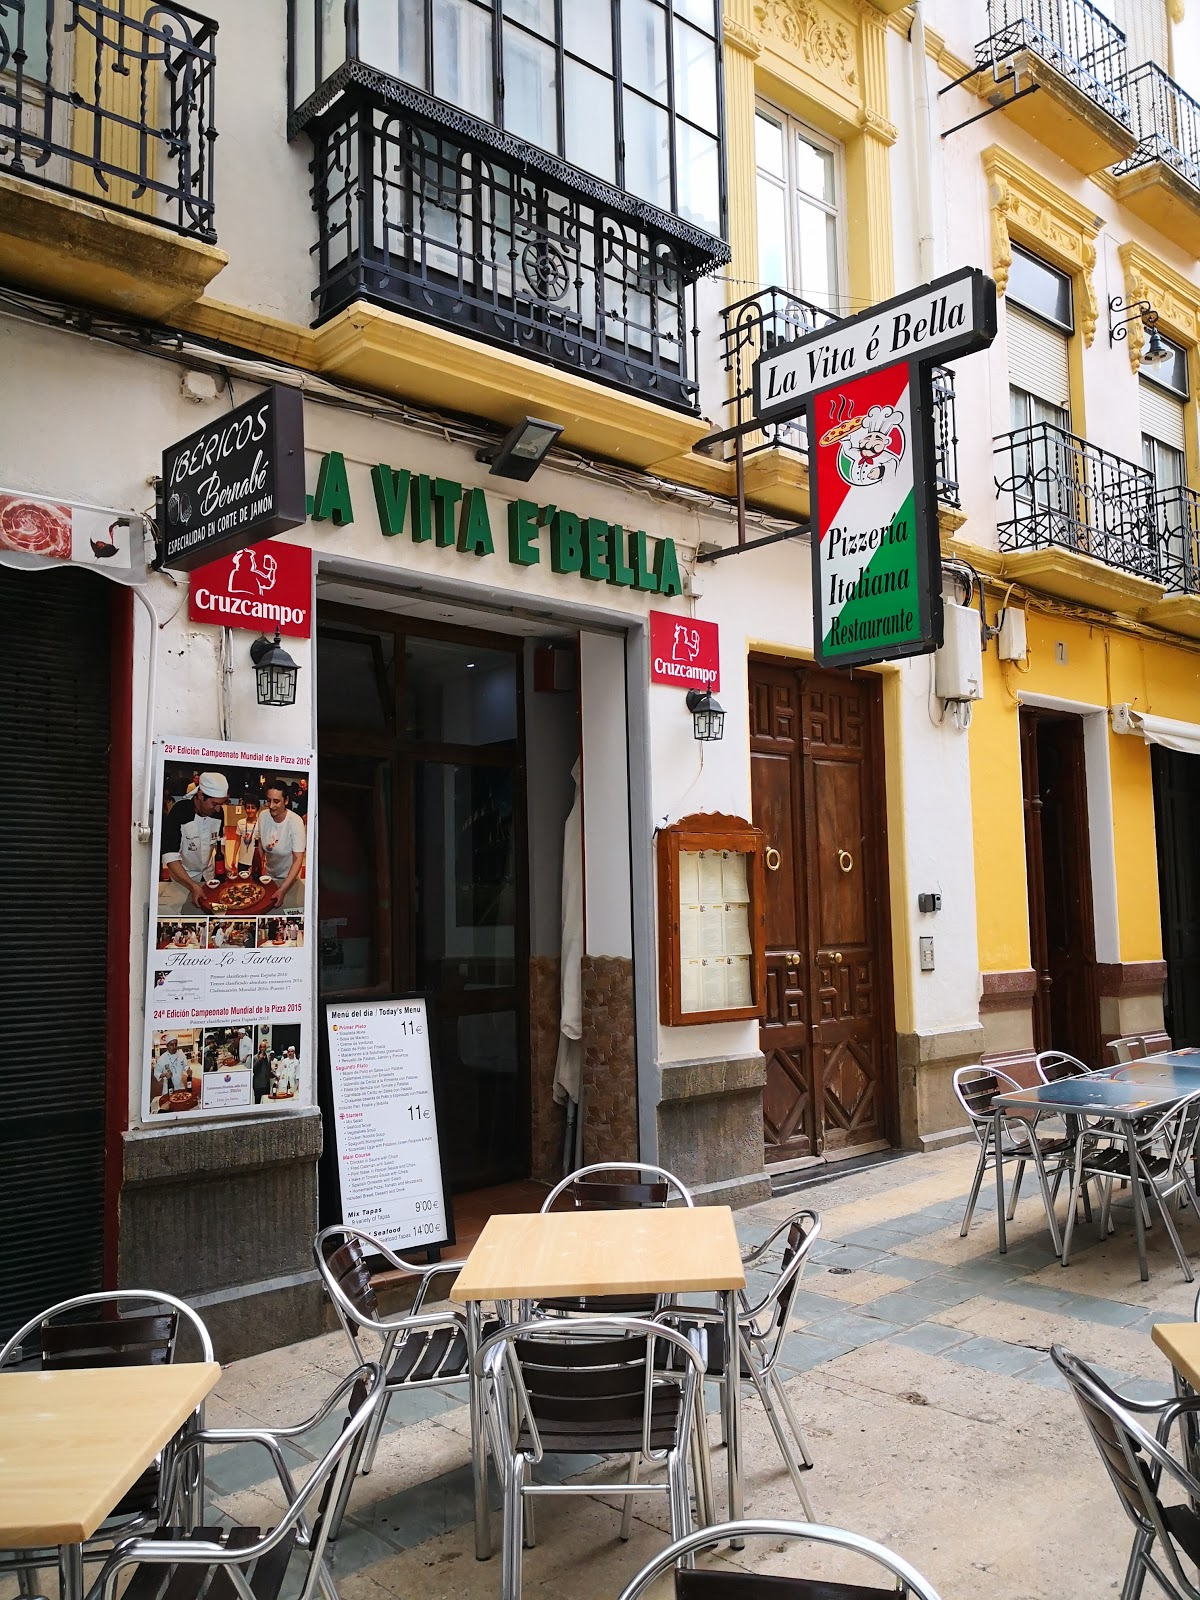 Pizzeria Restaurante La Vita E Bella